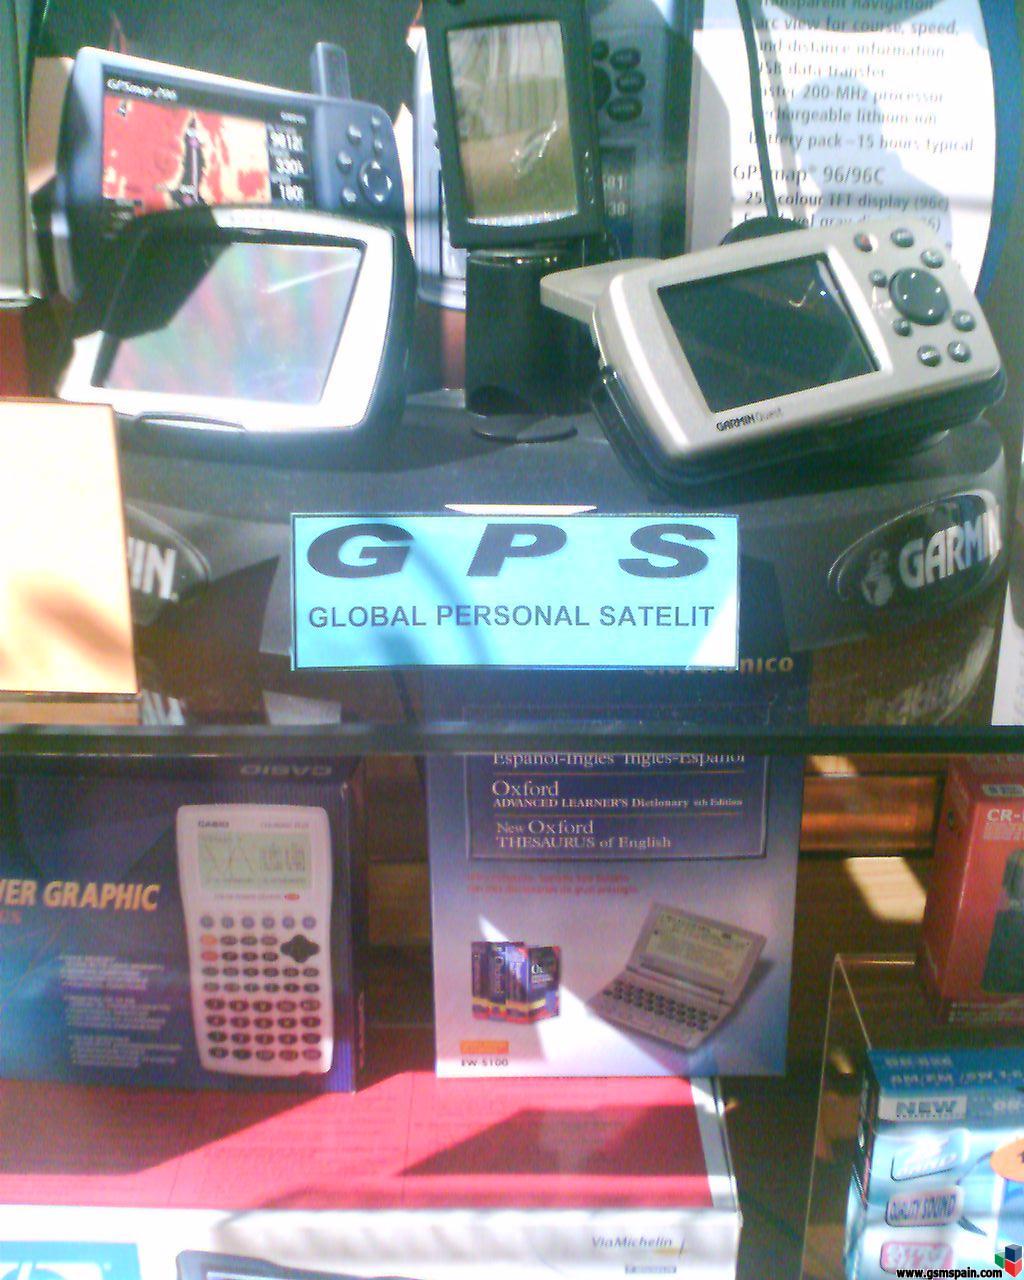 ¿Qué significan las siglas GPS?